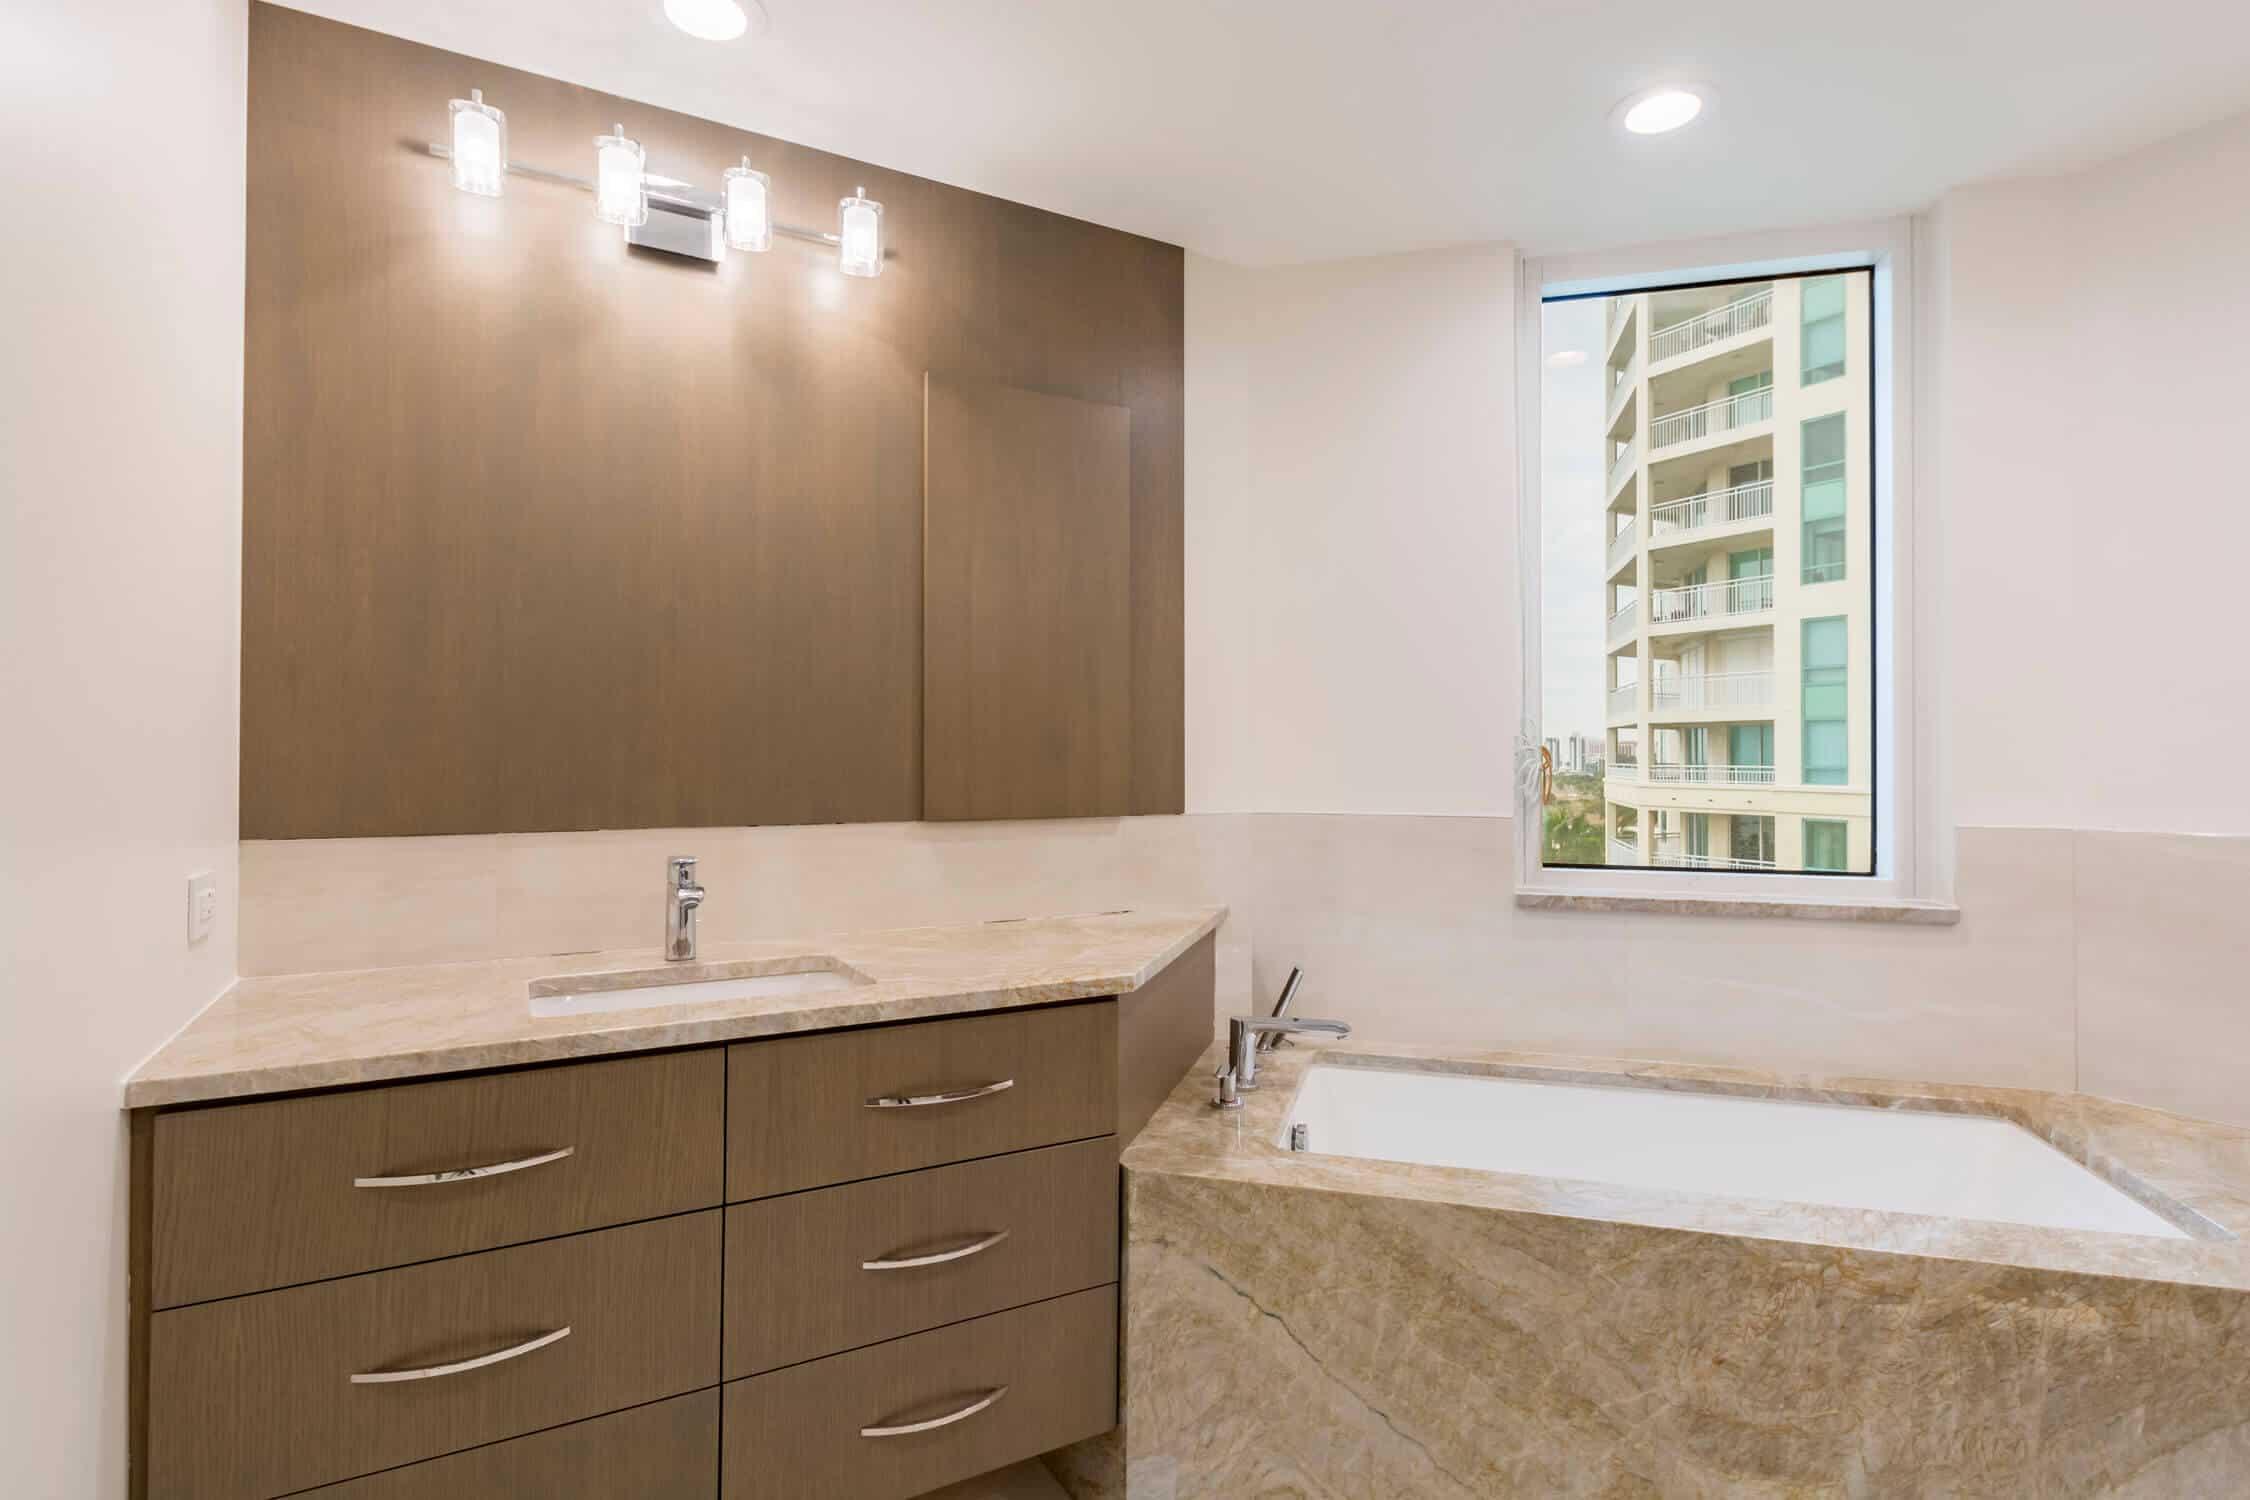 condo remodeling small bath